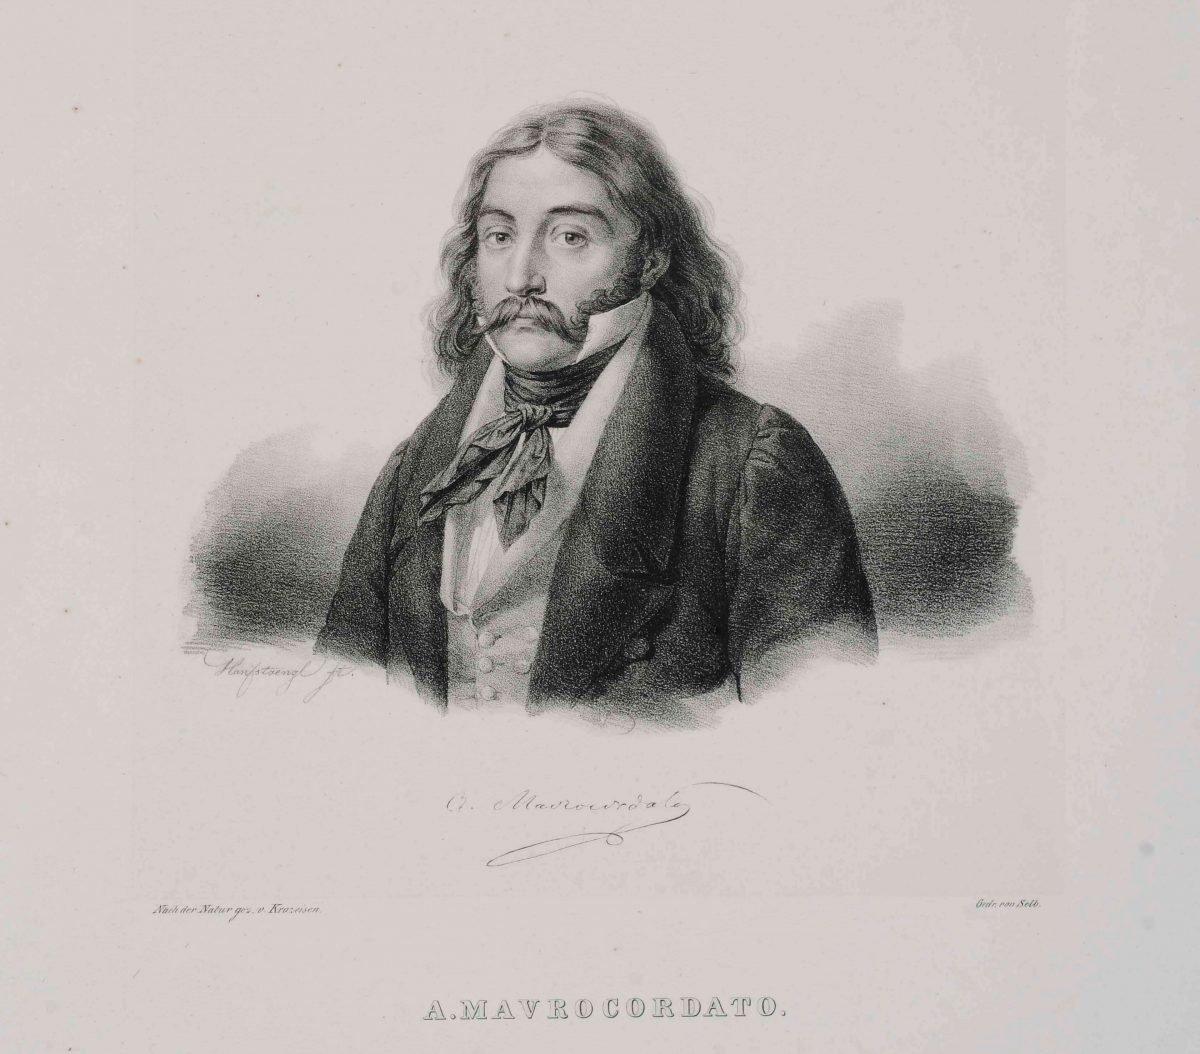 Αλέξανδρος Μαυροκορδάτος  (1791-1865) Λιθογραφία του  Karl Krazeisen  Πηγή: Εθνικό Ιστορικό Μουσείο, Αθήνα